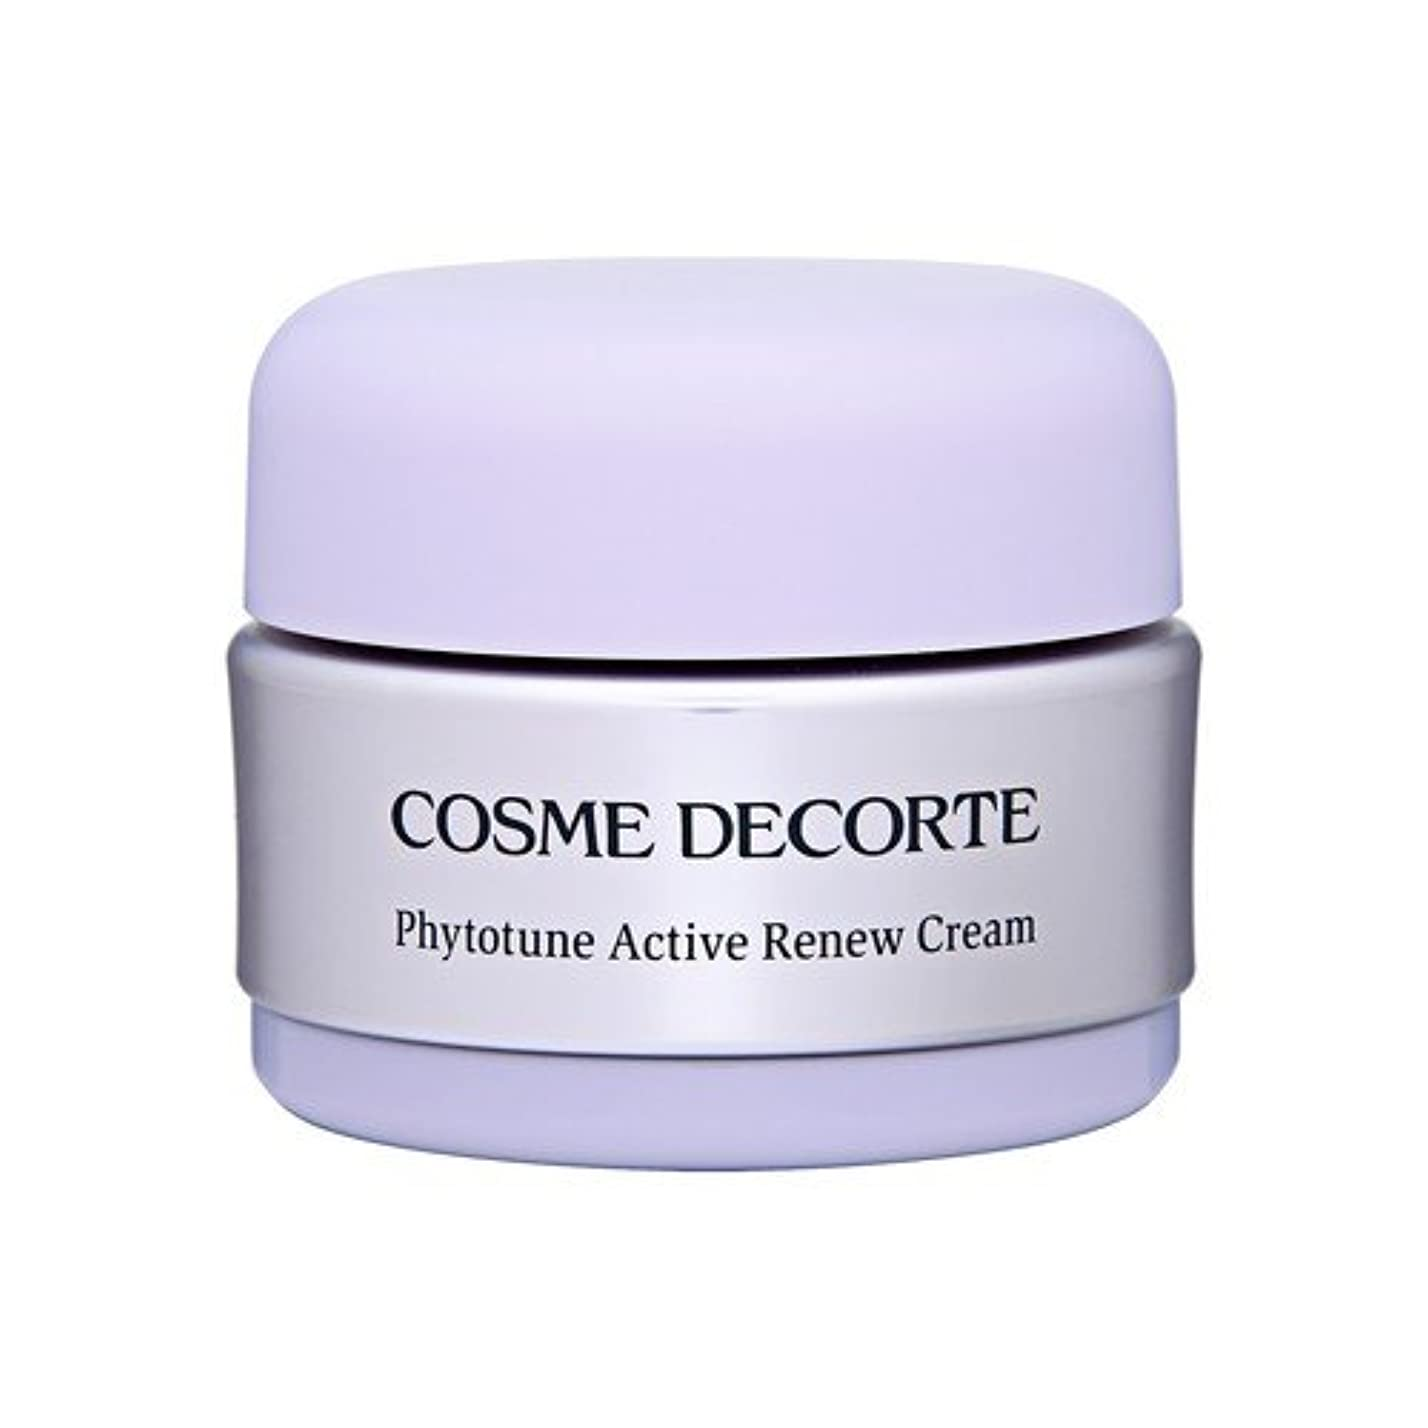 振るう居心地の良い側コスメ デコルテ(COSME DECORTE) フィトチューンアクティブリニュークリーム 30g [364491][並行輸入品]